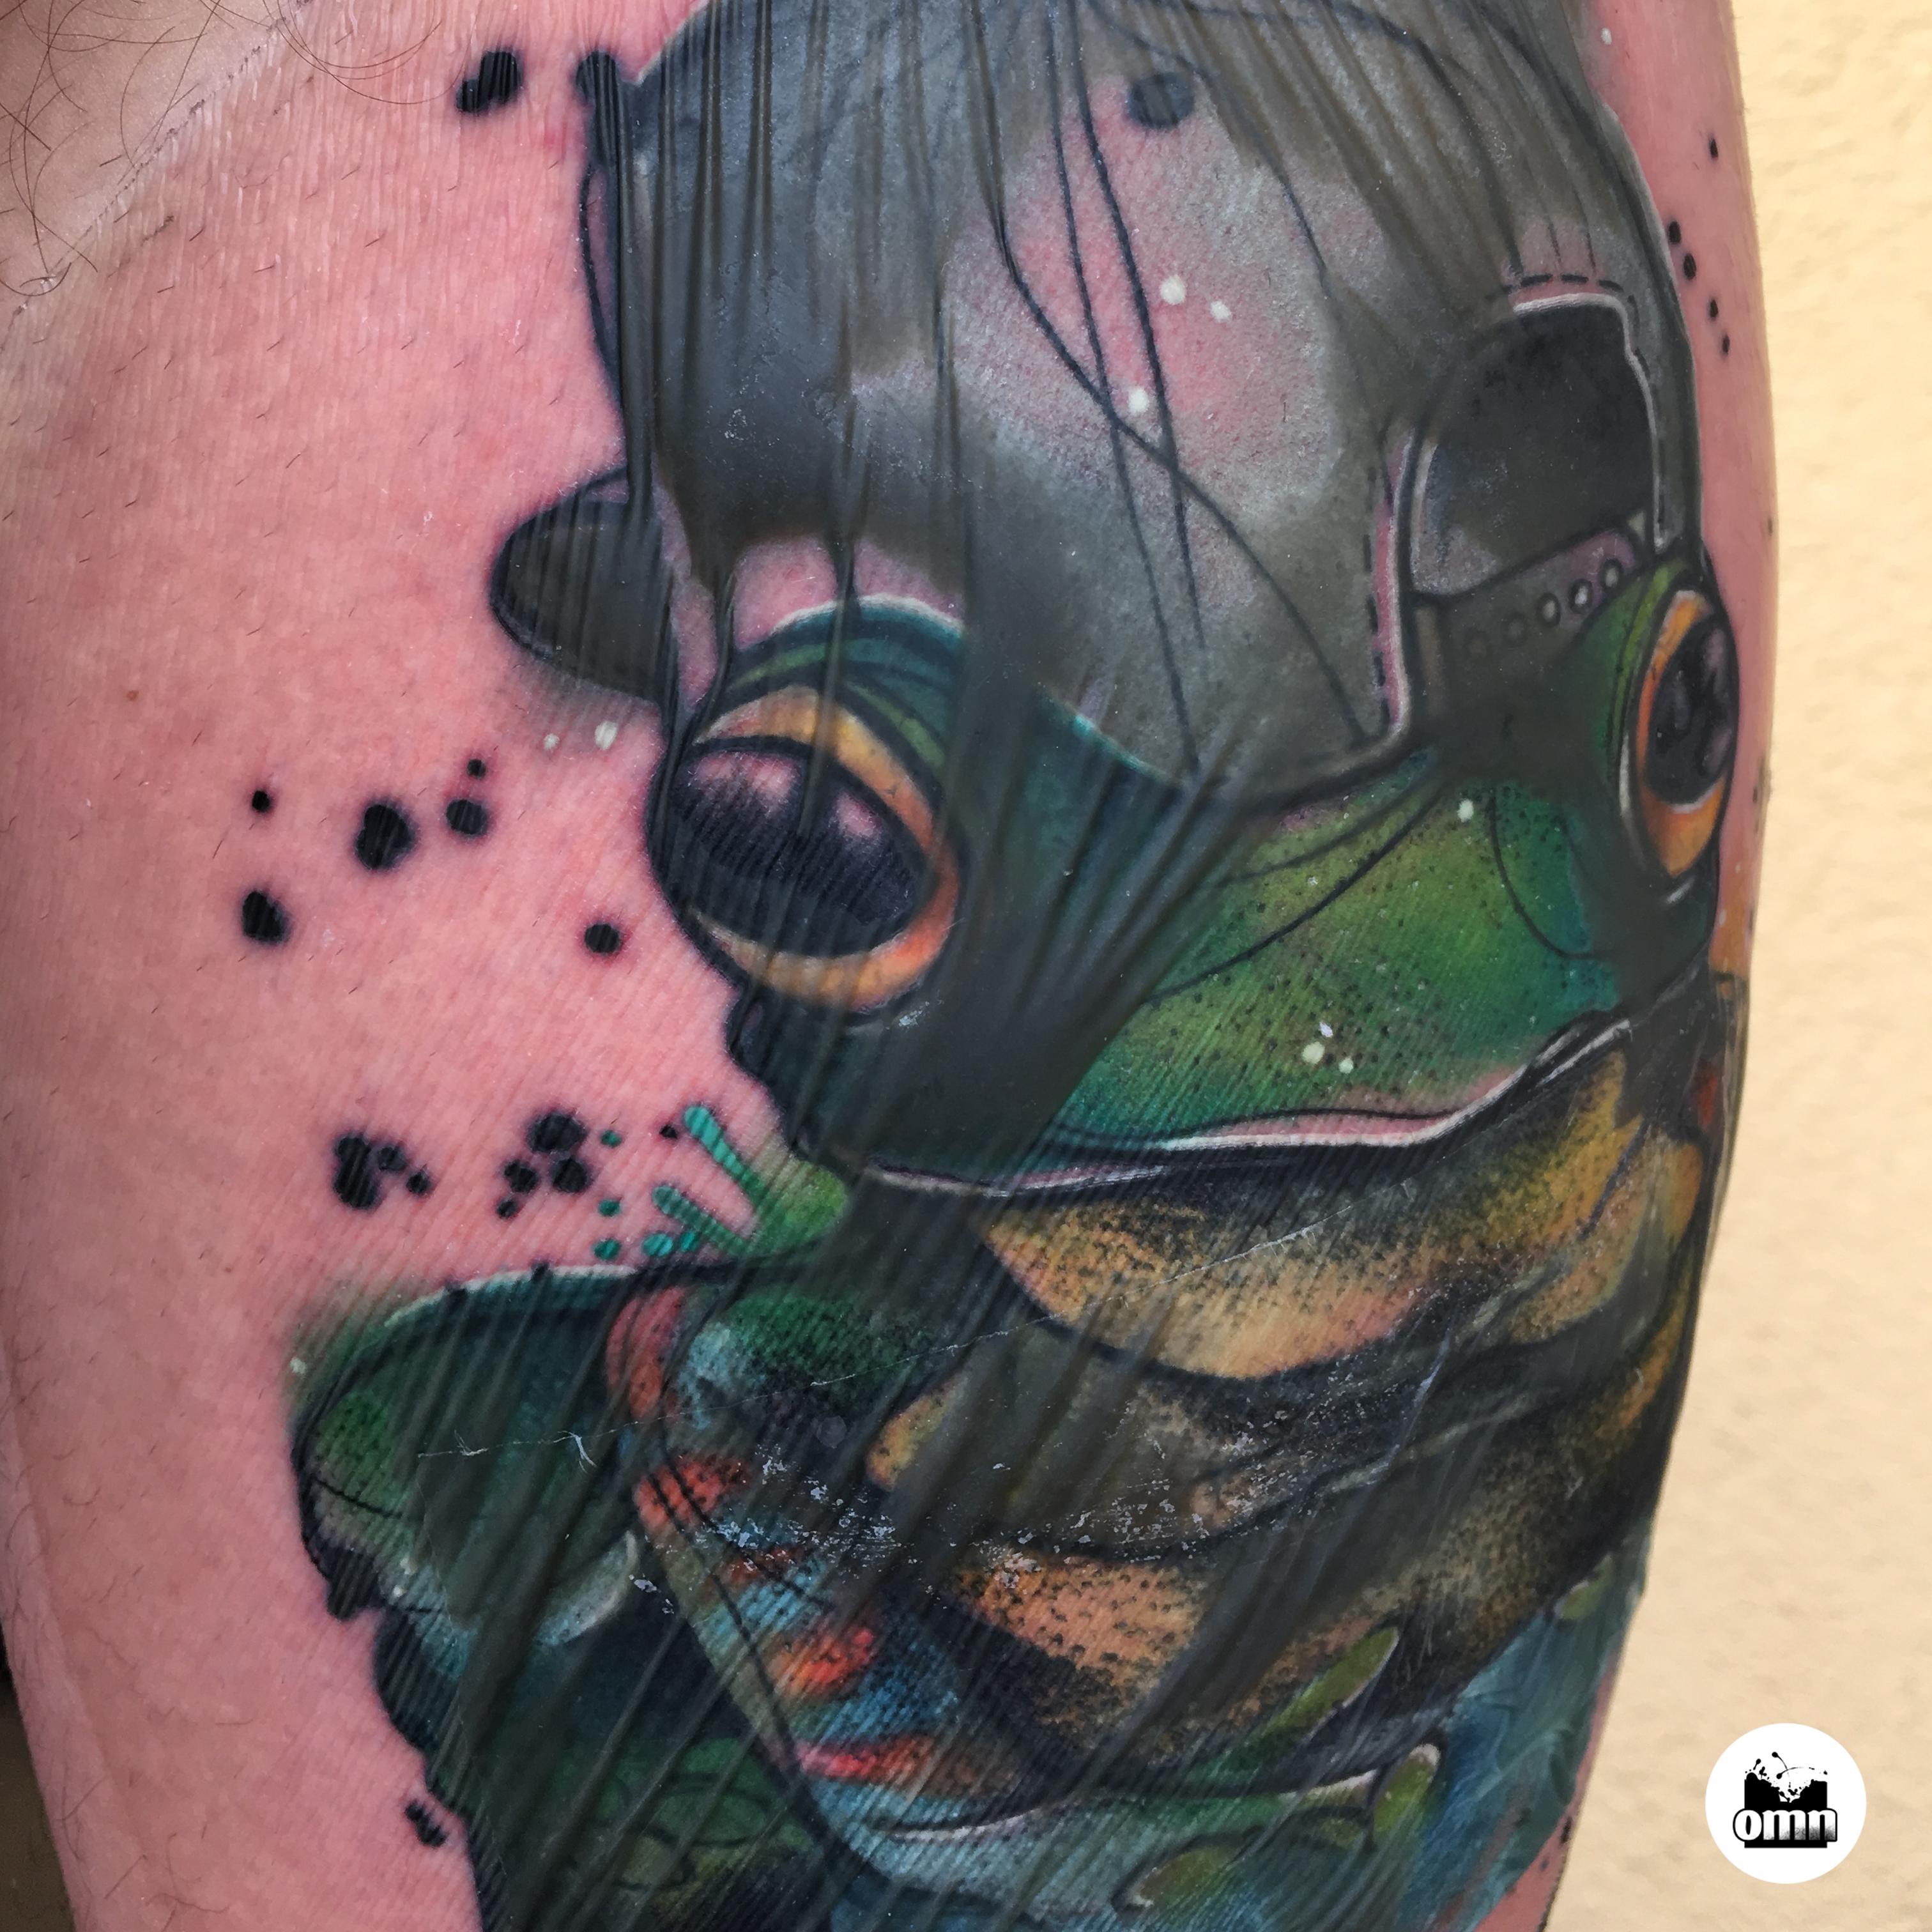 Wydzielina pod opatrunkiem ze stanem zapalnym podczas gojenia tatuażu